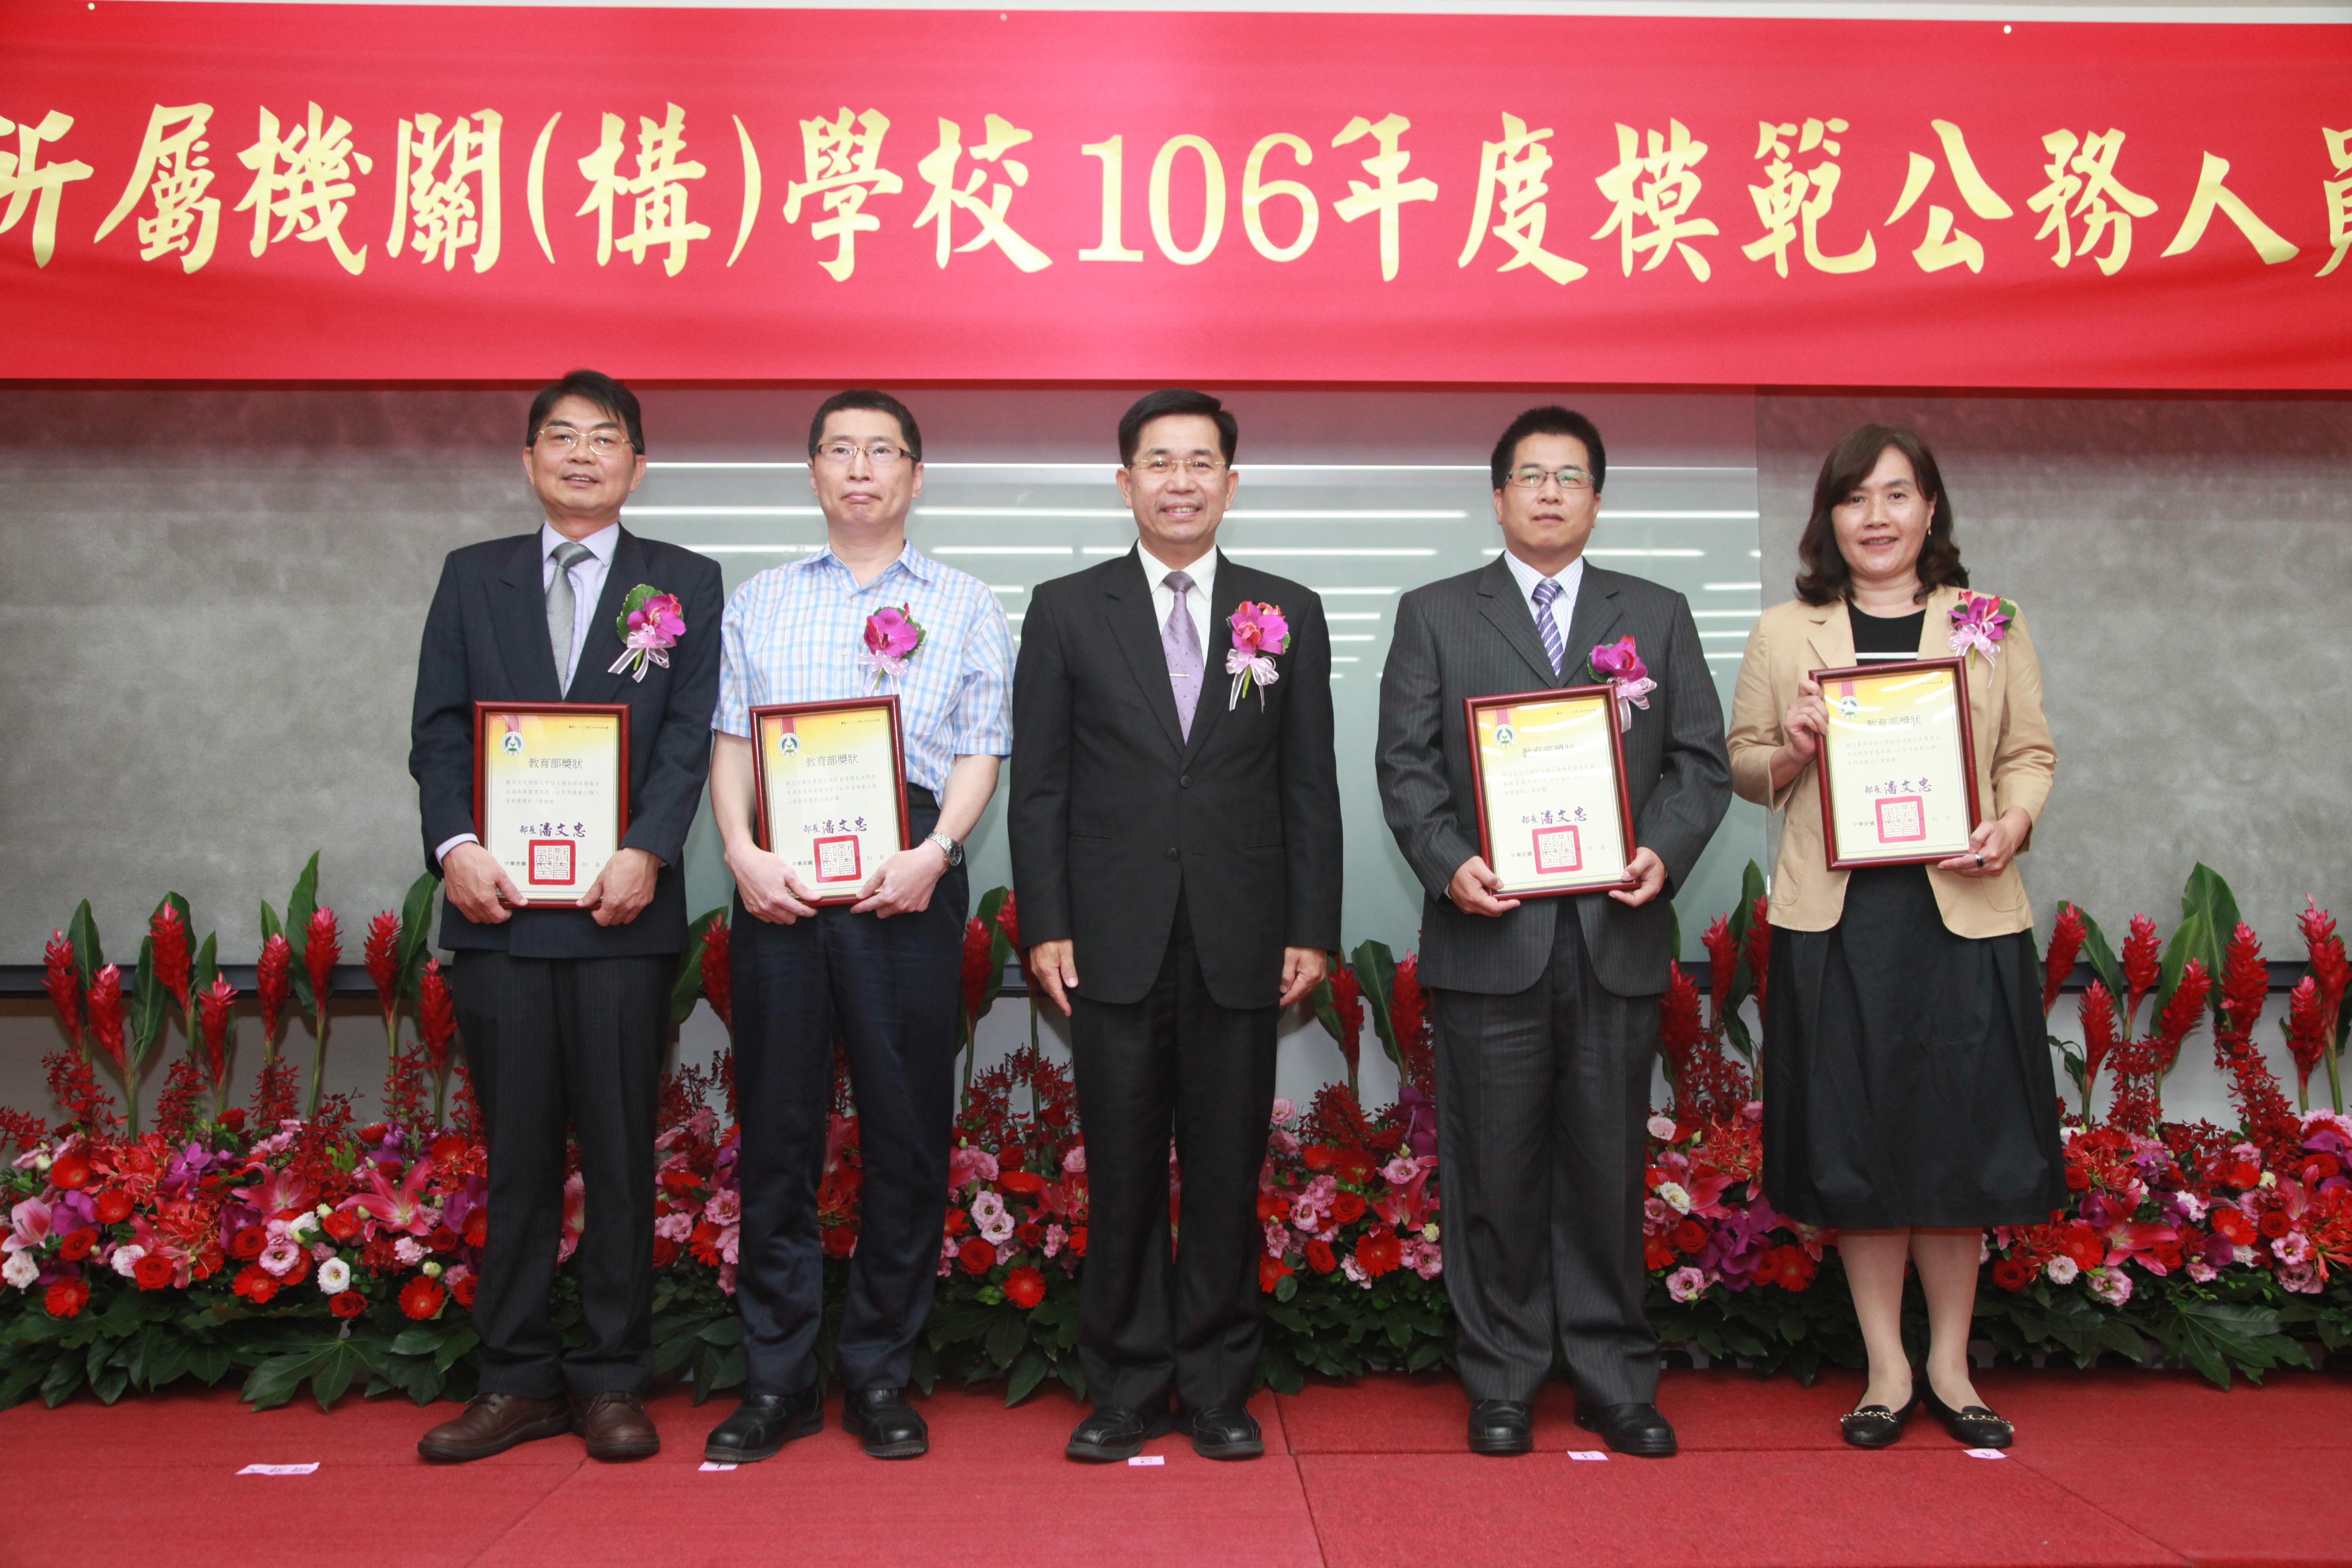 106年5月31日教育部與所屬機關(構)學校106年度模範公務人員頒獎典禮